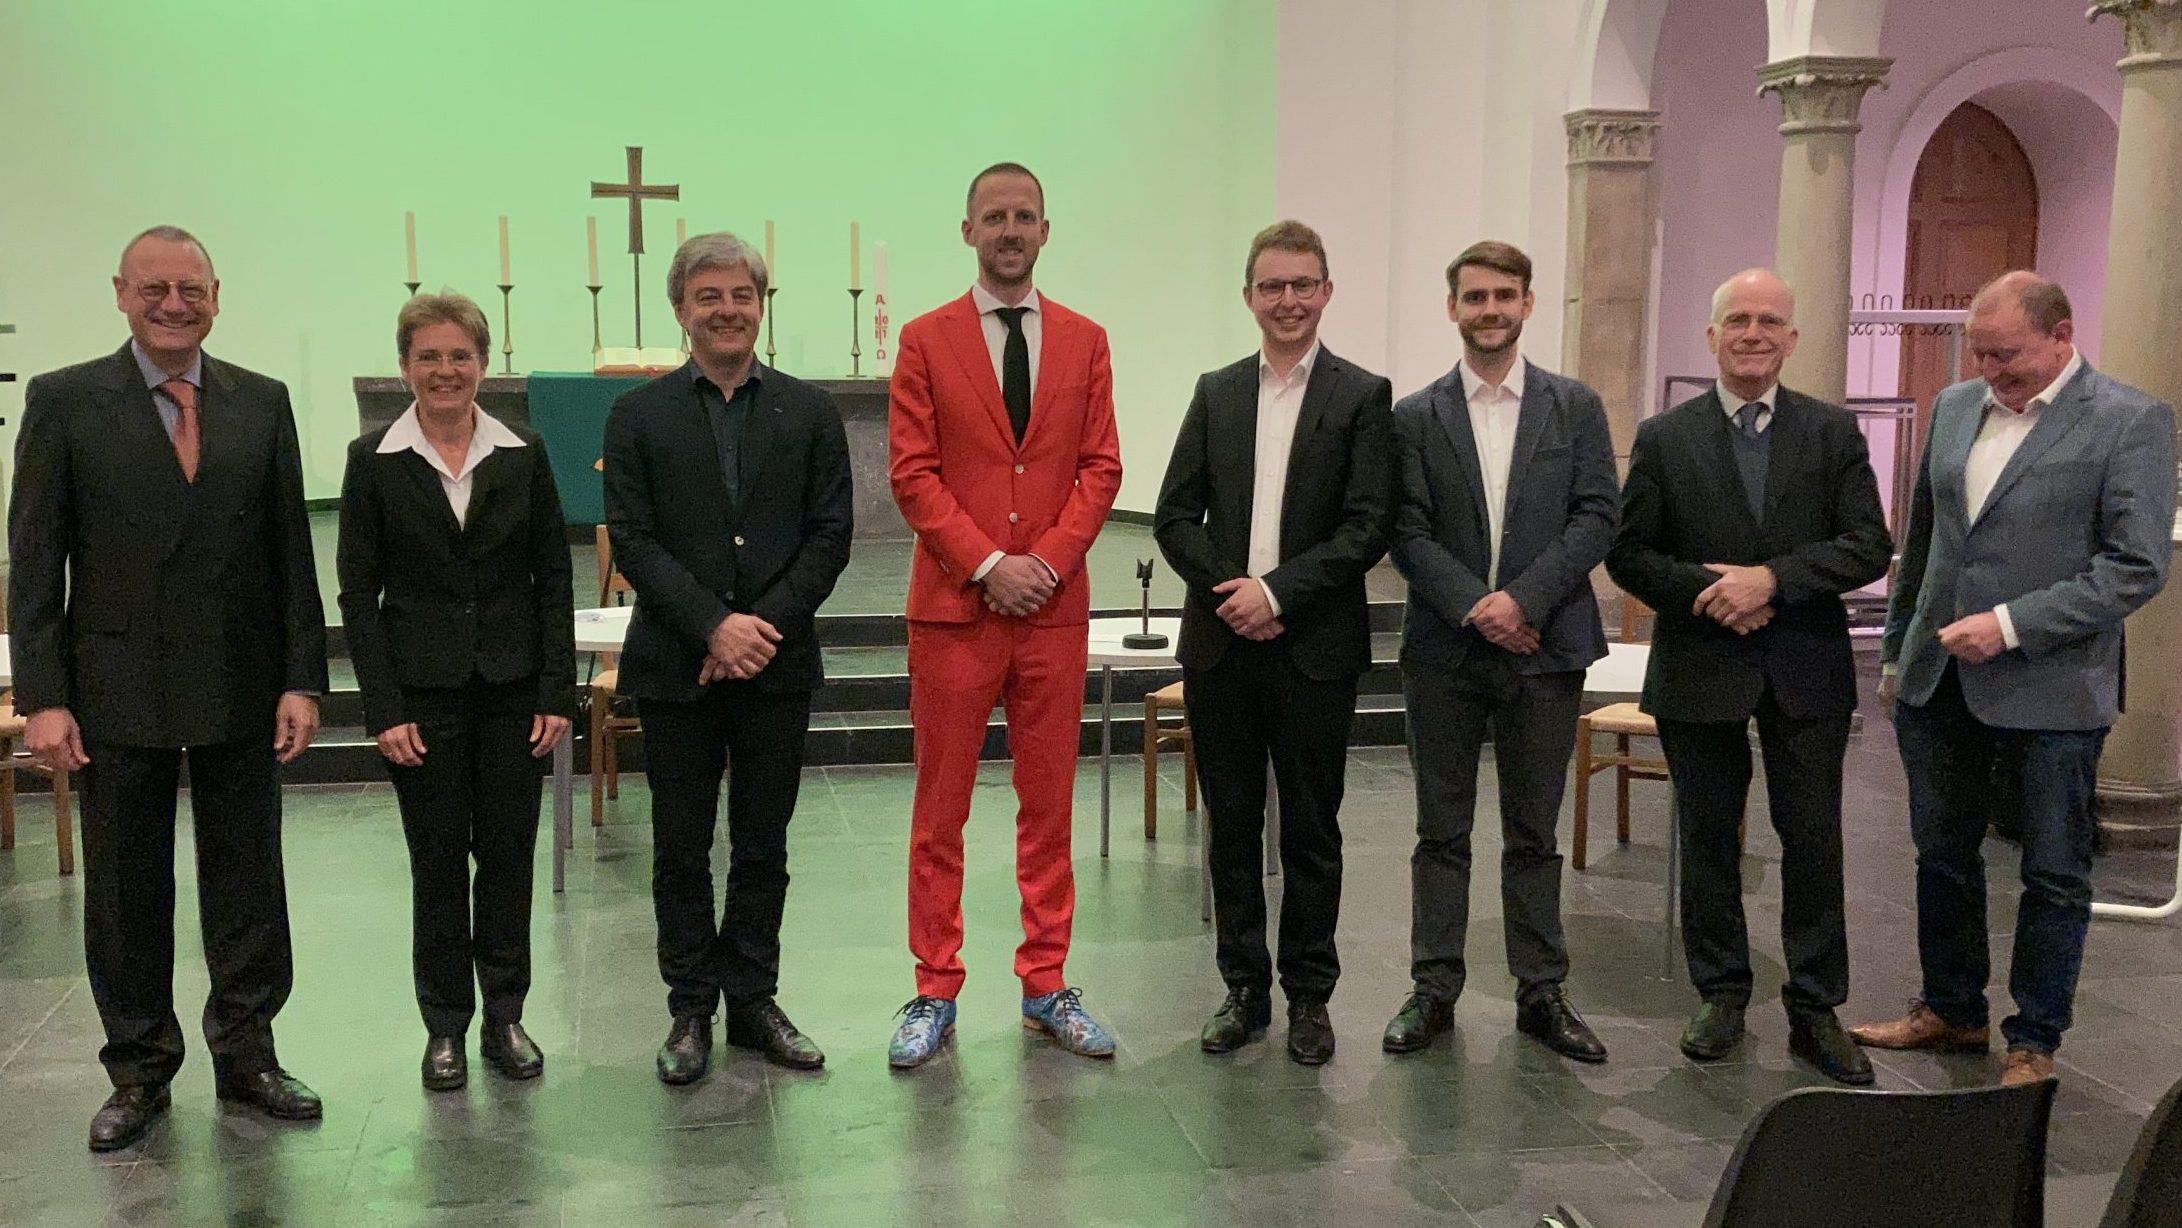 Dreitägiger Orgelmarathon in der Trinitatiskirche – Wettbewerb für Orgelimprovisation mit internationalen Gästen